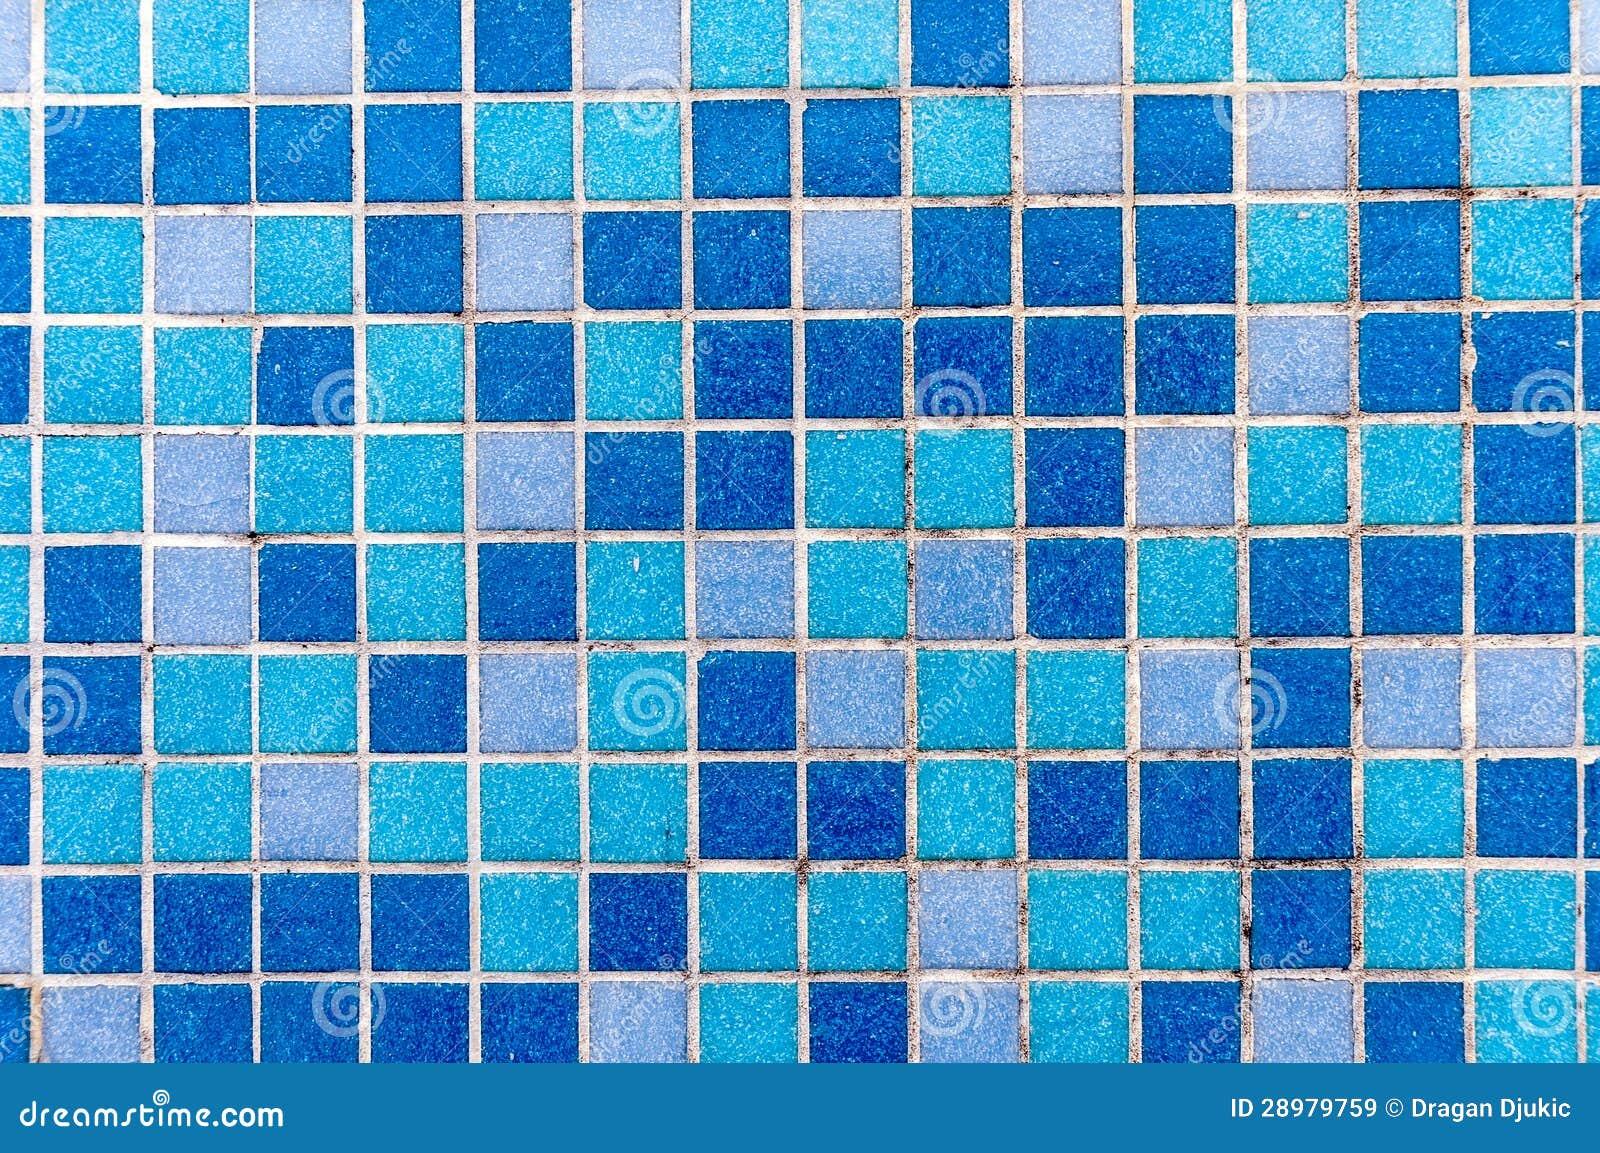 Petits carreaux de c ramique bleus images libres de droits image 28979759 - Carreaux de ceramique ...